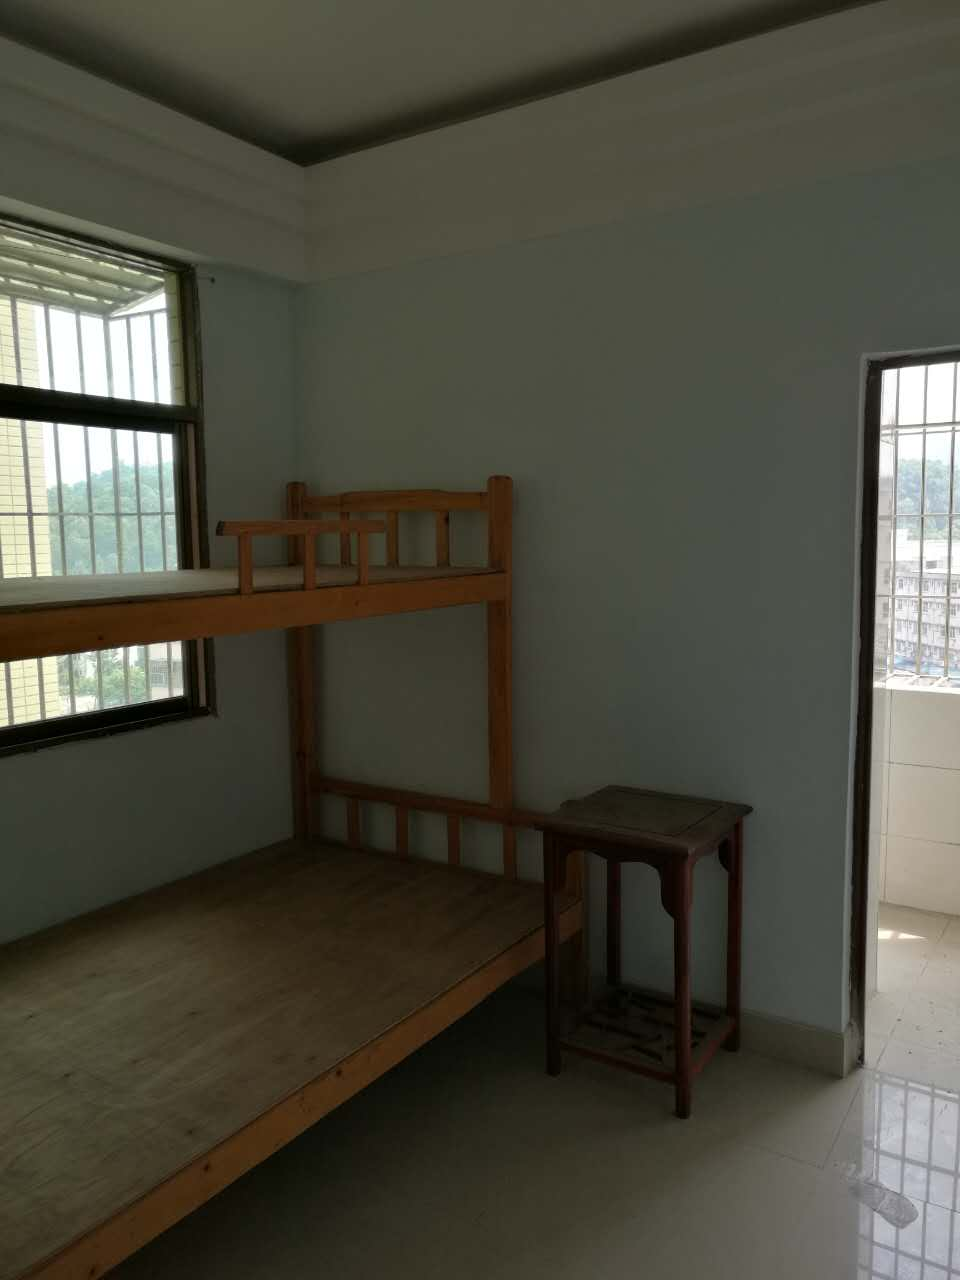 深圳小产权房单身公寓出售,公明上村全新装修 房地产 公寓 不动产 一房一厅 第6张